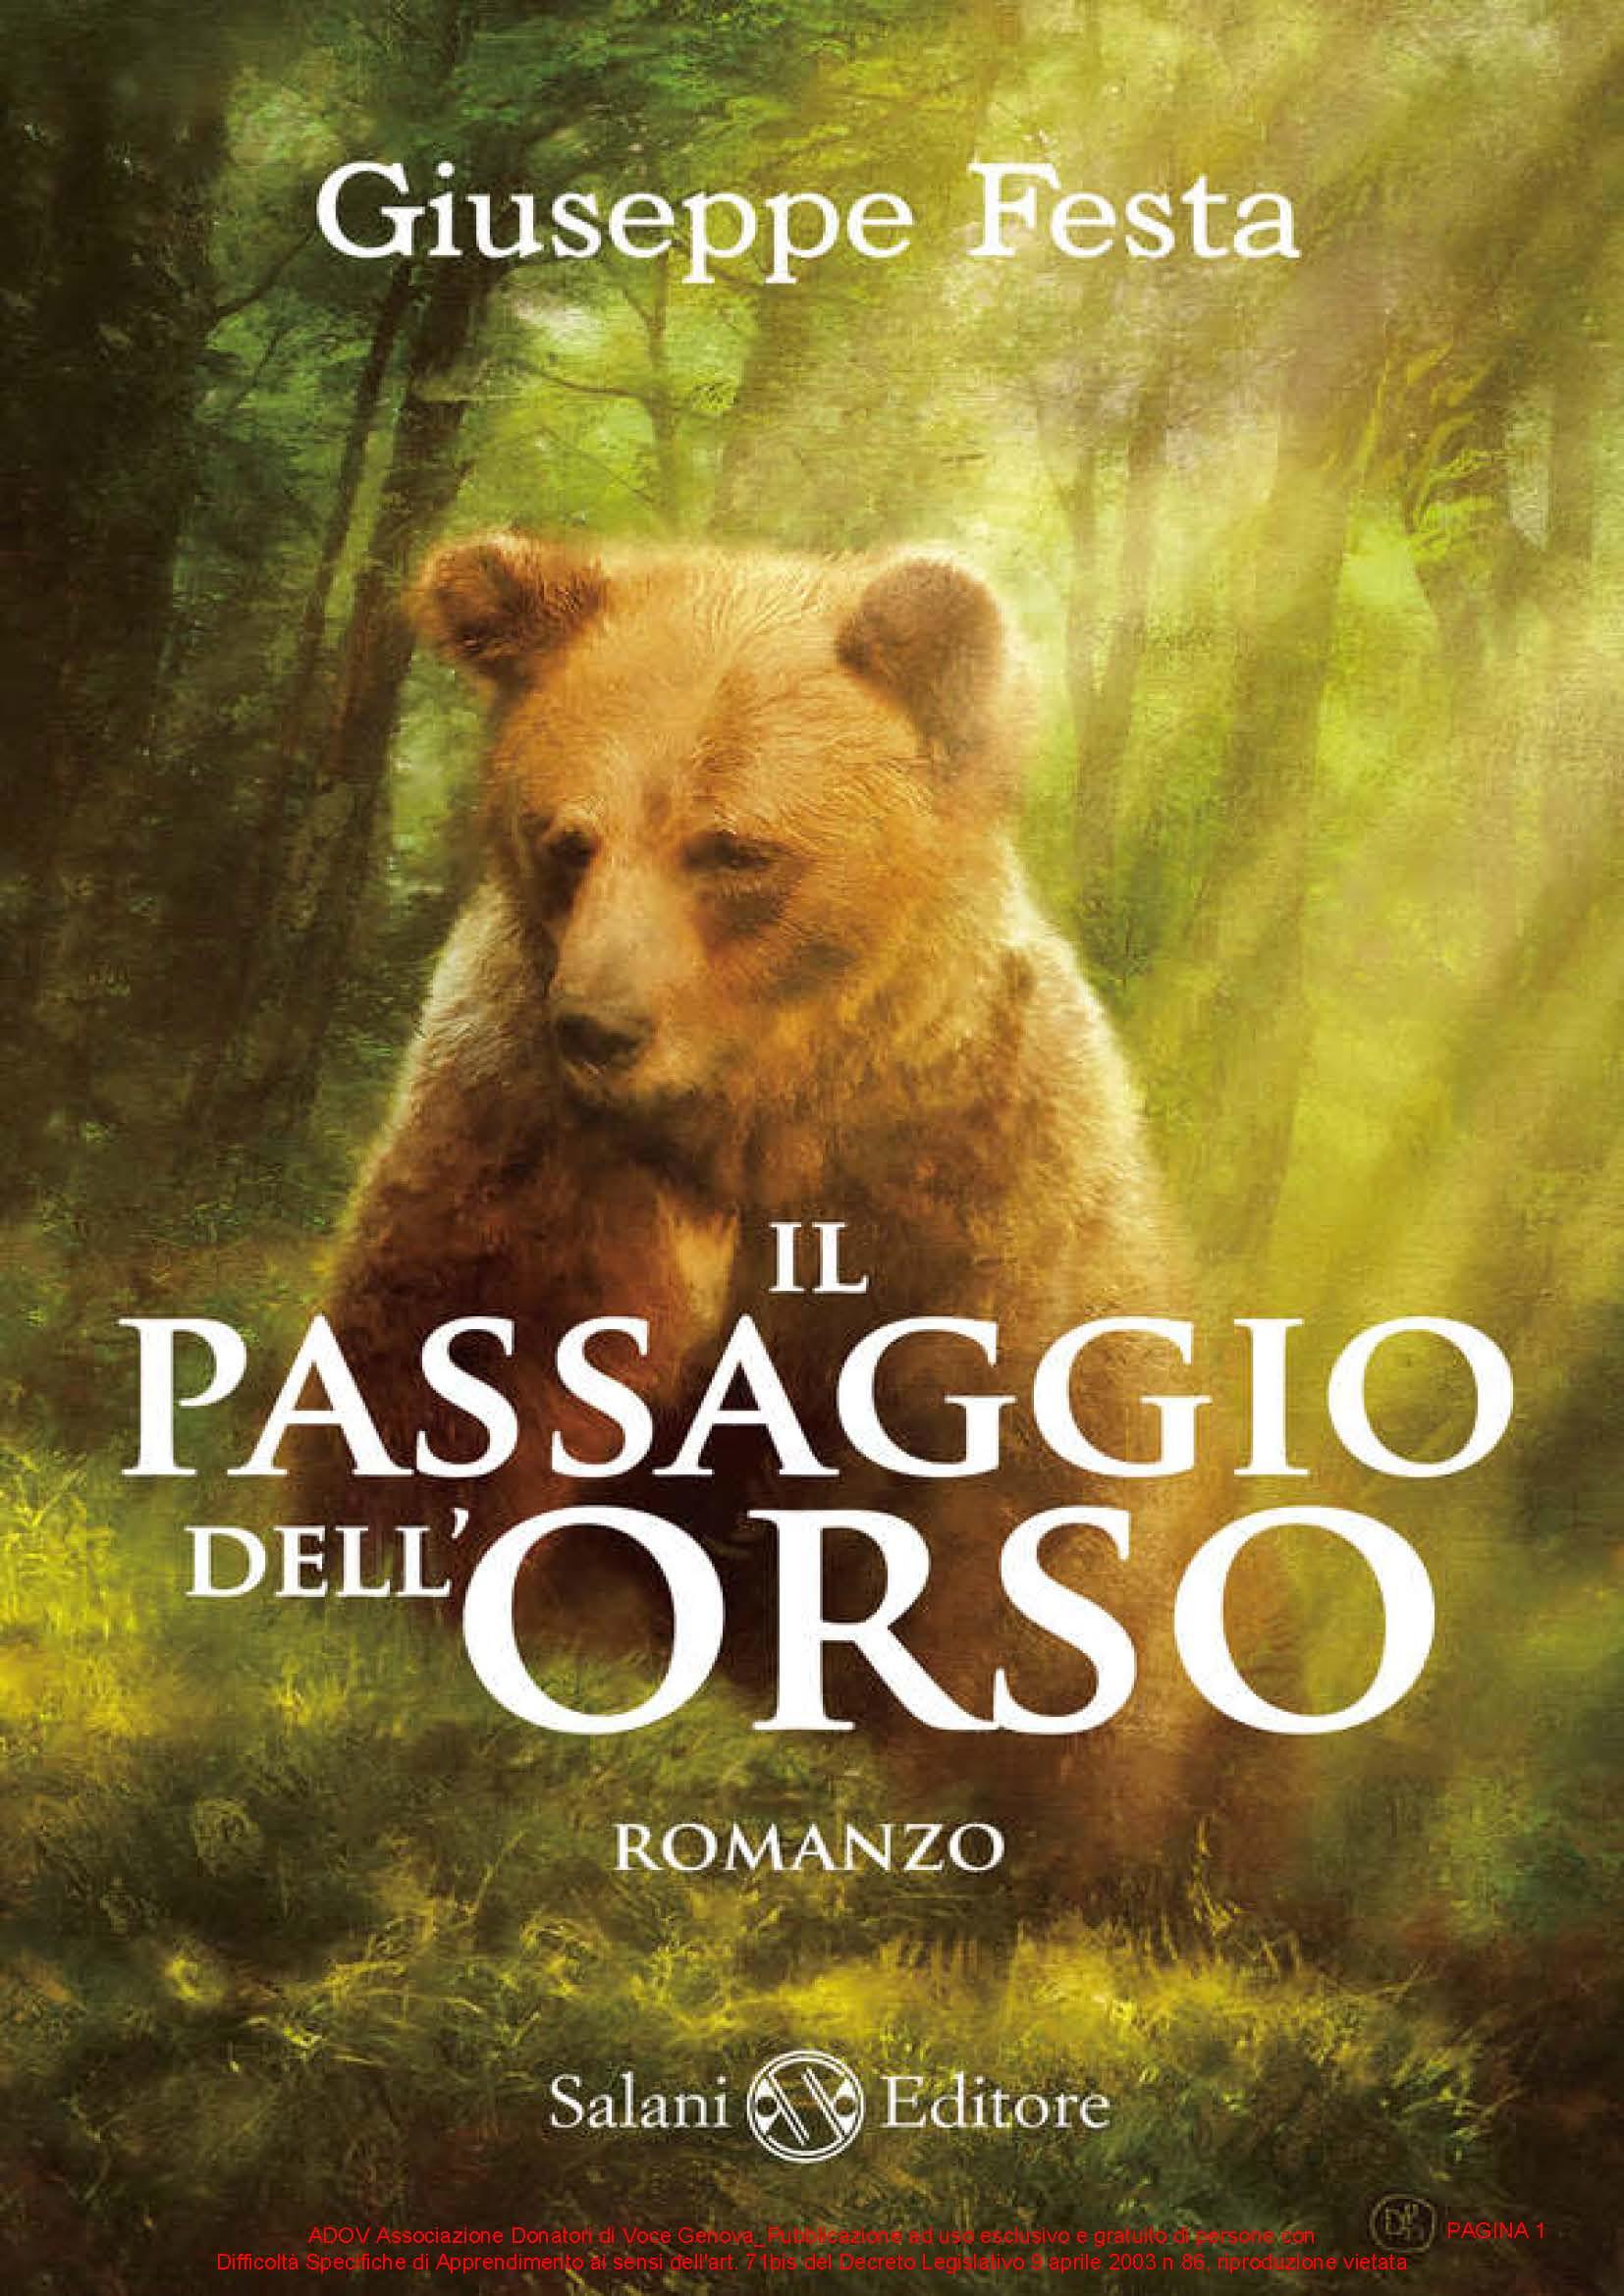 FESTA GIUSEPPE - IL PASSAGGIO DELL ORSO COPERTINA